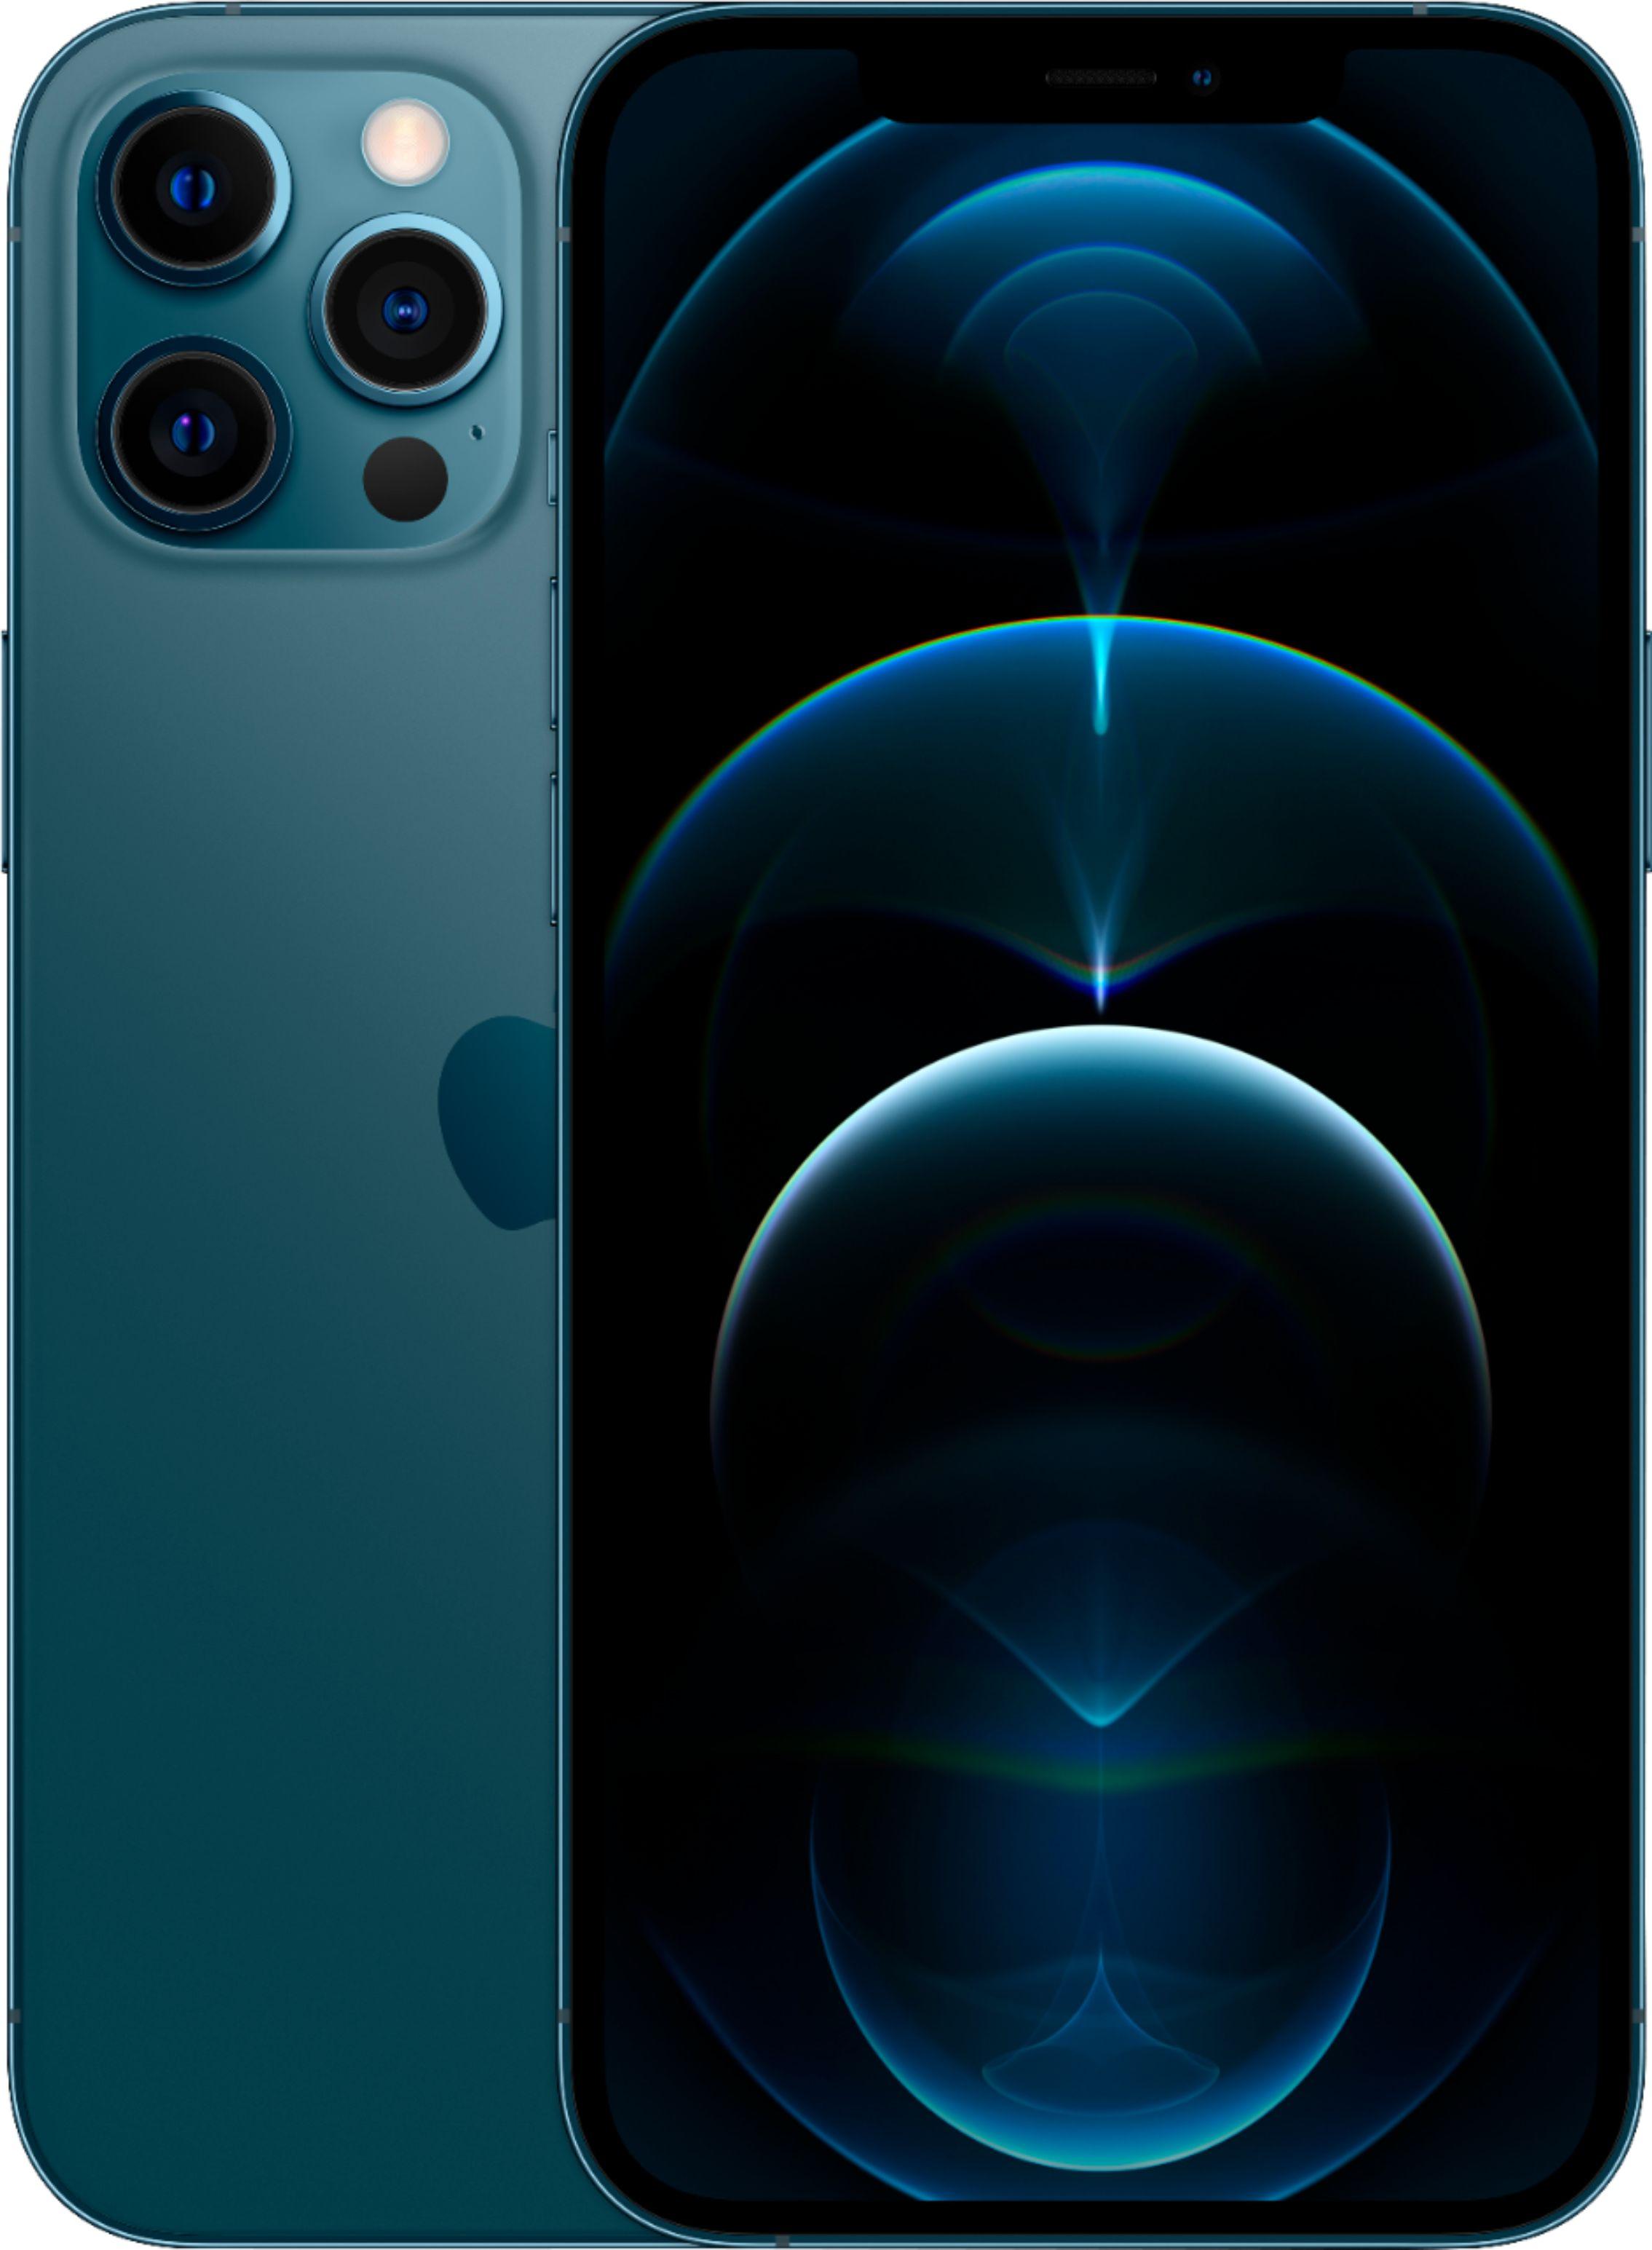 アップル アイフォーン 12 プロマックス 5G対応 SIMフリースマホ SIMフリー Apple iPhone Pro Max 青 5G 256GB 1年保証 A デュアルSIM MGC73ZA 新品 正規取扱店 卓出 スマホ本体 香港版